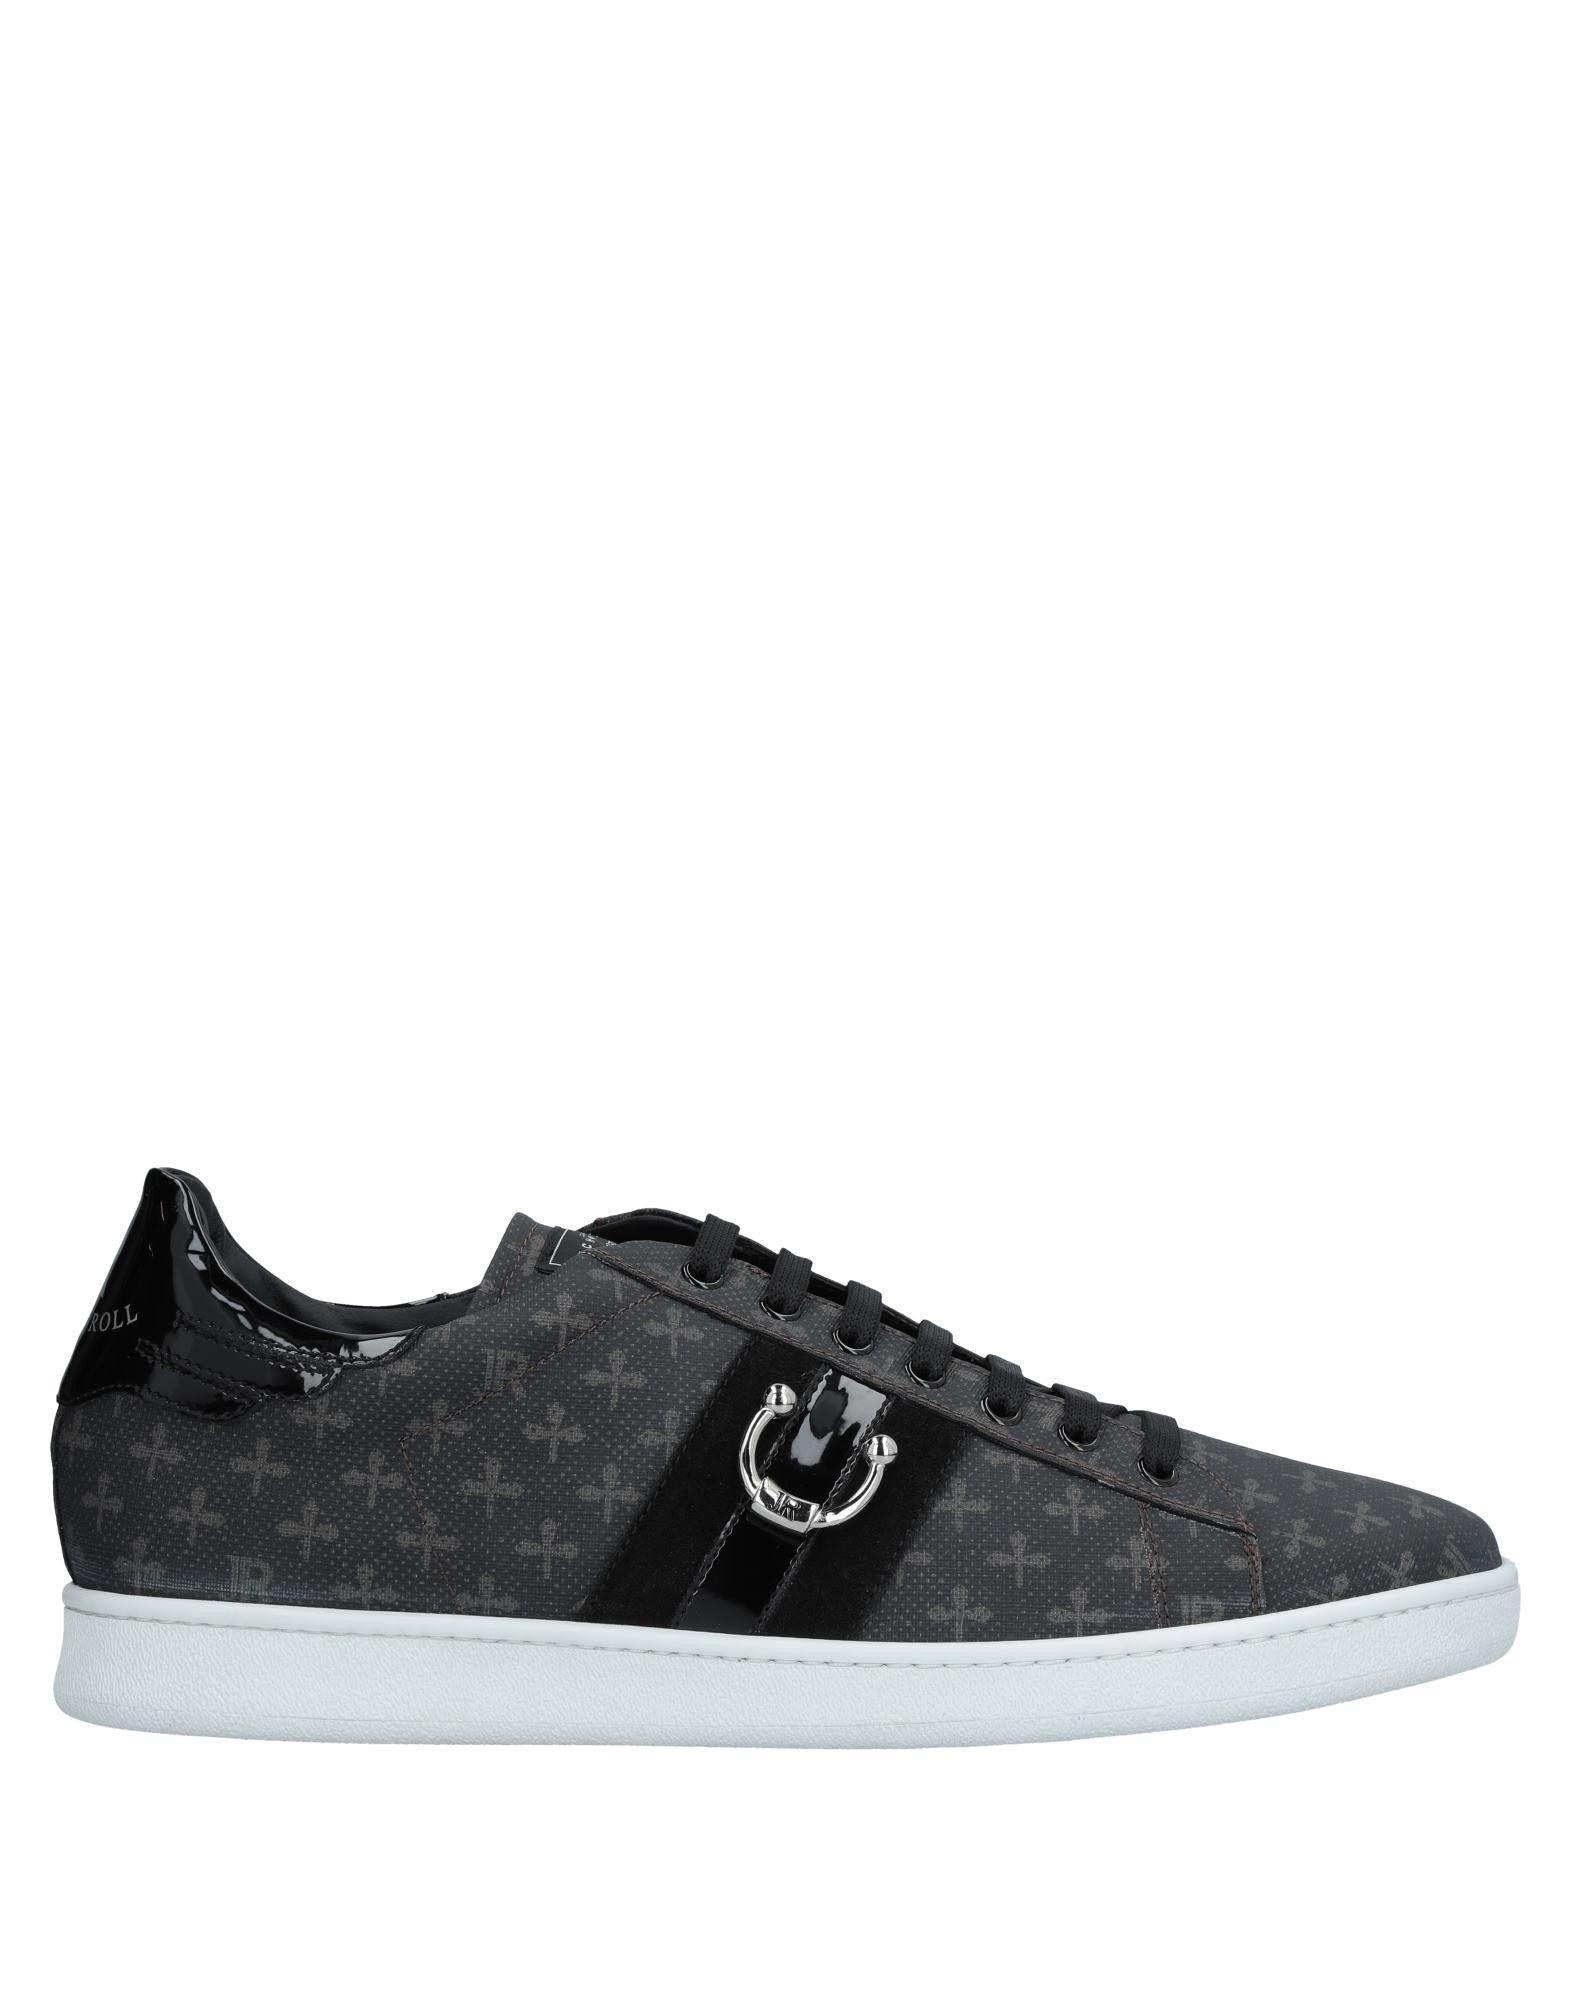 John Richmond Sneakers Herren  11531079HF Gute Qualität beliebte Schuhe